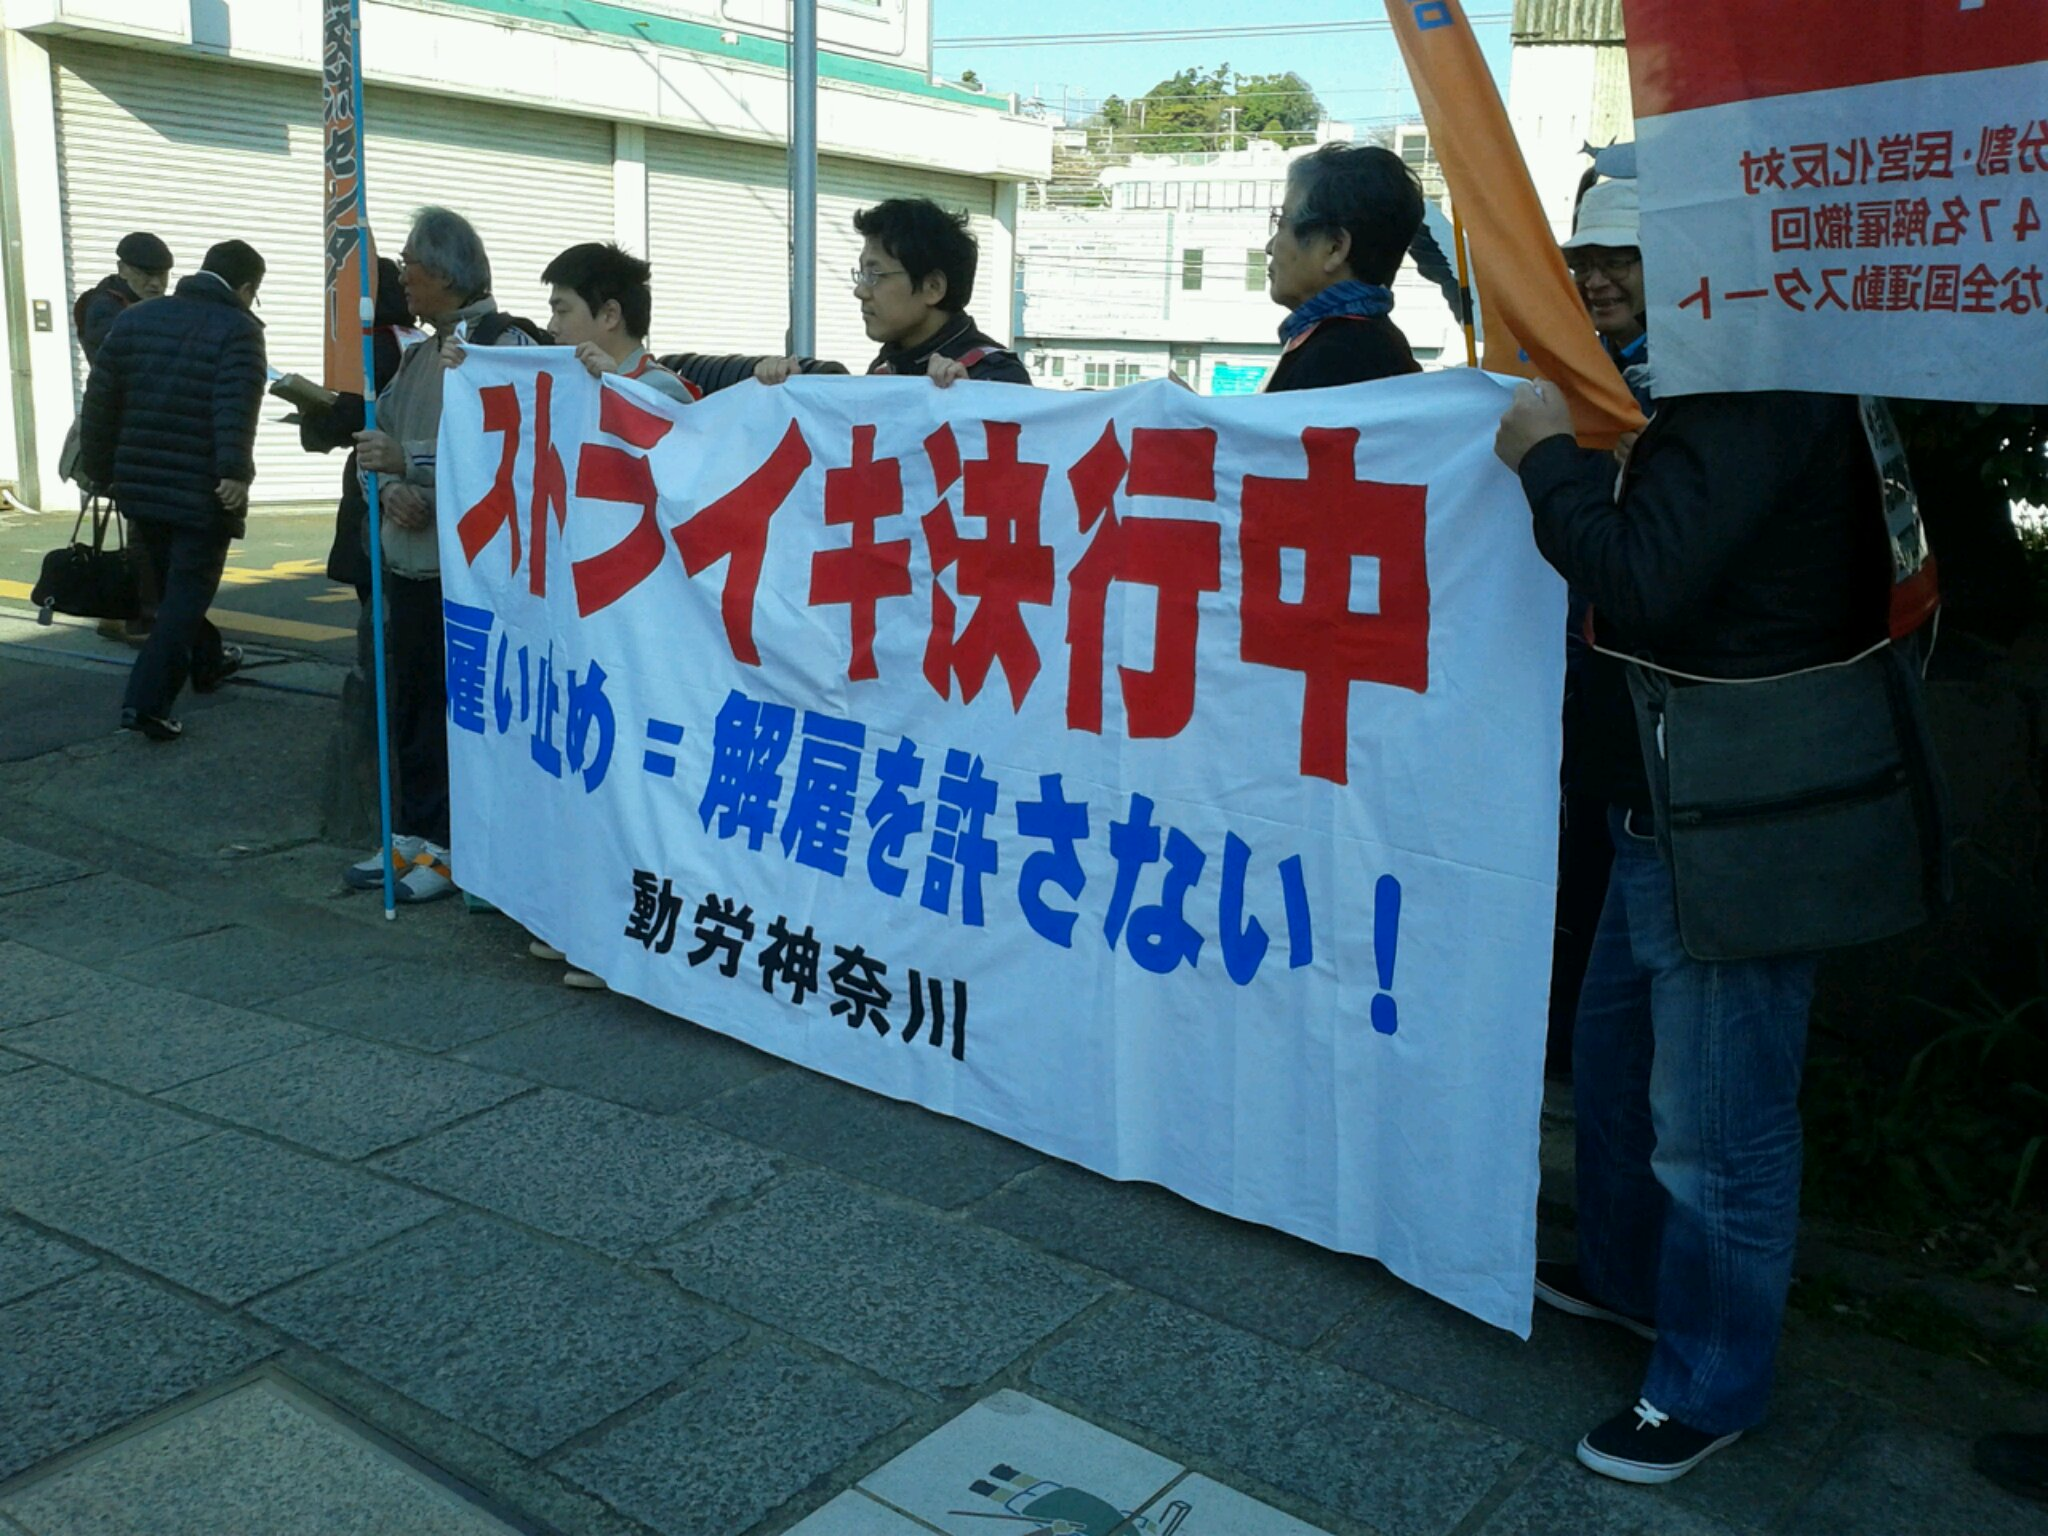 3月26日、動労神奈川・桑原組合員が24時間ストライキに決起_d0155415_1034715.jpg